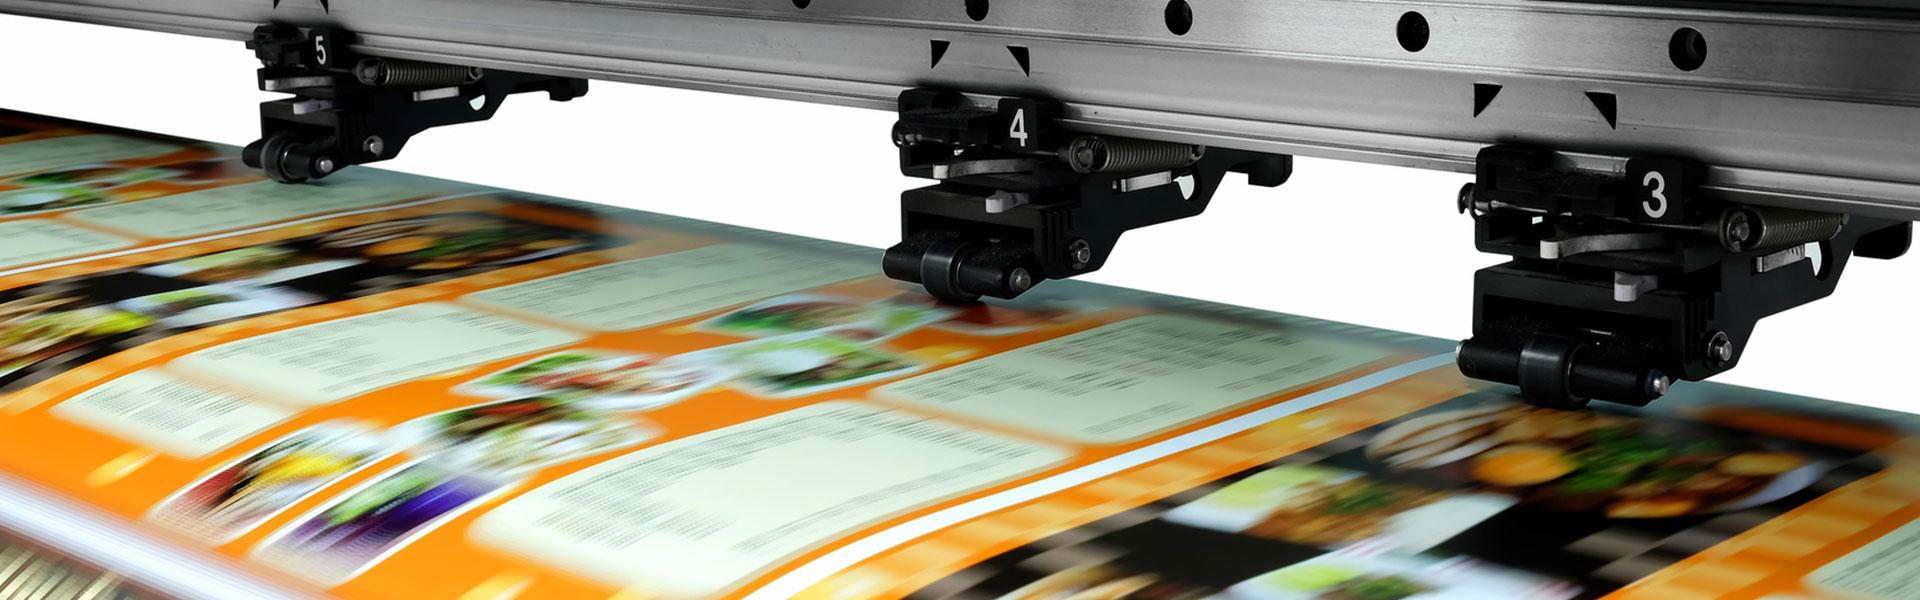 maszyna poligrafia